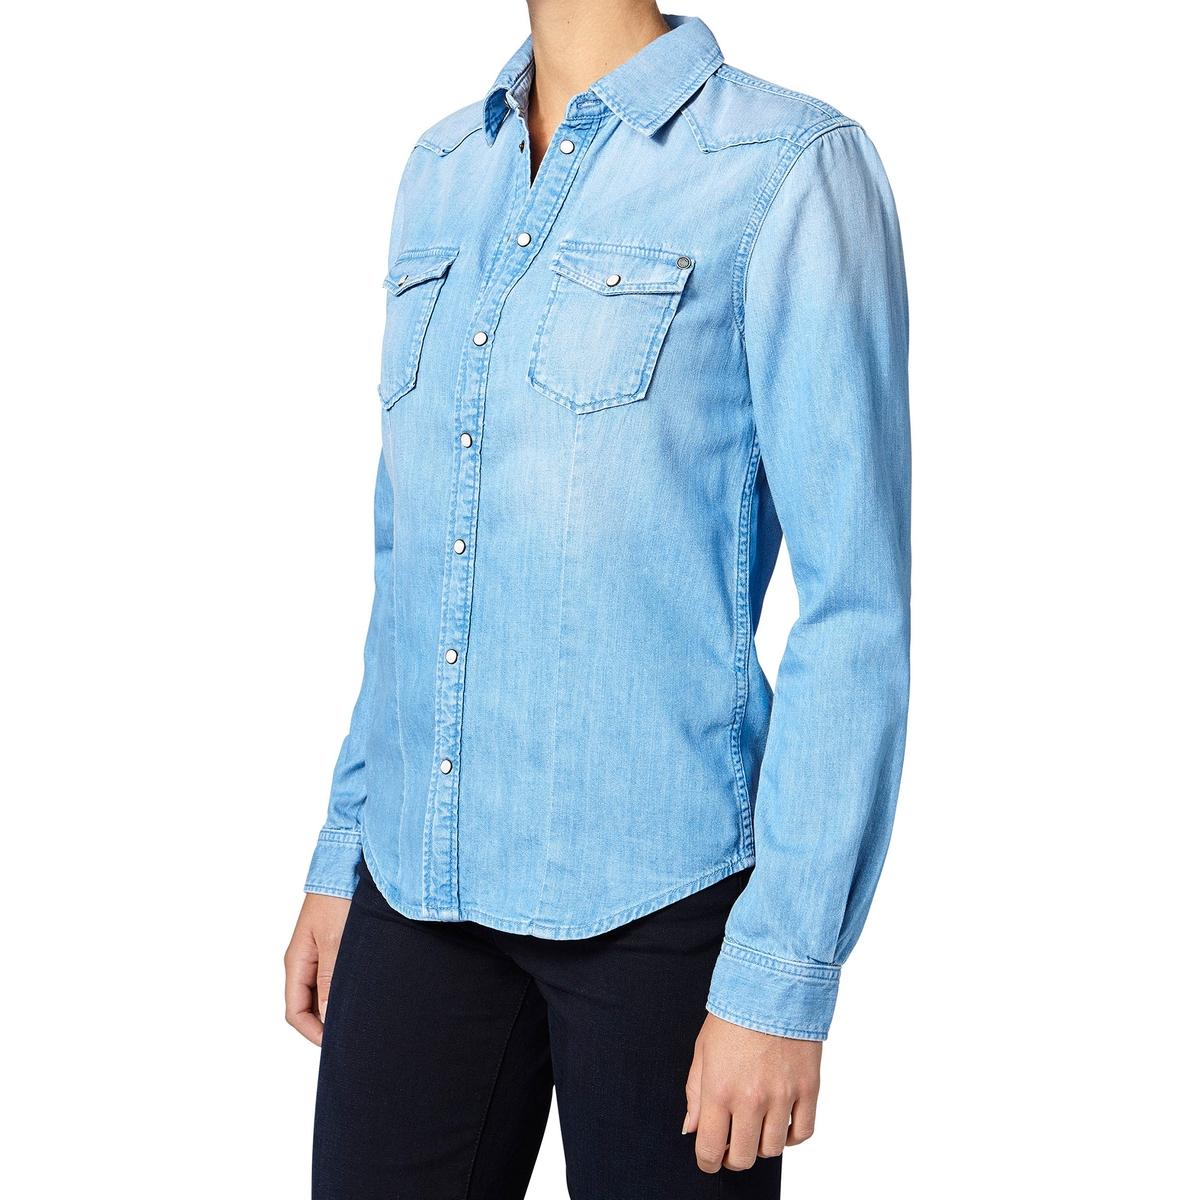 РубашкаДетали •  Длинные рукава  •  Прямой покрой  •  Воротник-поло, рубашечный Состав и уход •  69% хлопка, 31% лиоцелла •  Следуйте советам по уходу, указанным на этикетке<br><br>Цвет: голубой<br>Размер: XL.M